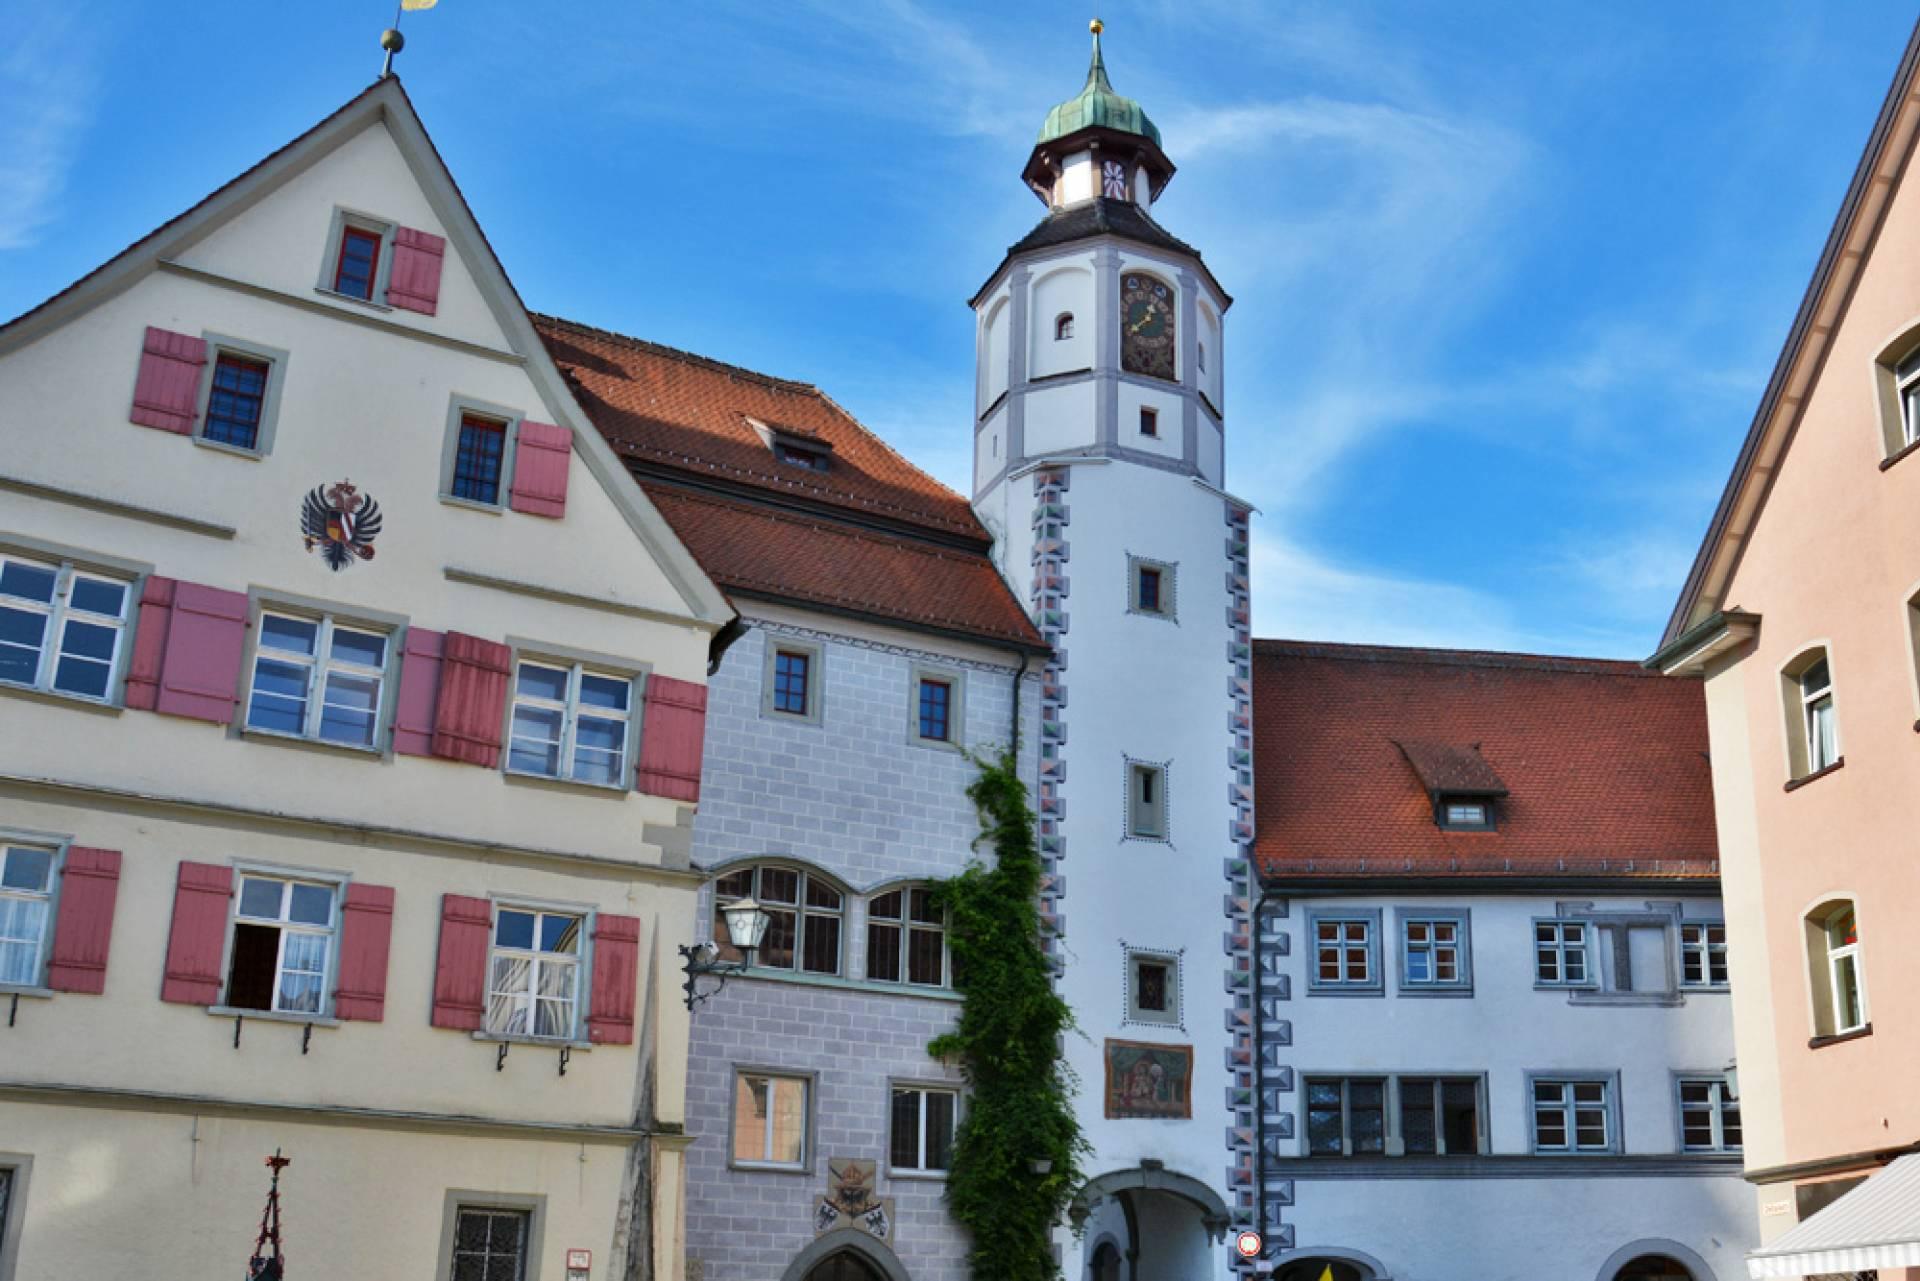 Wangen im Westallgäu